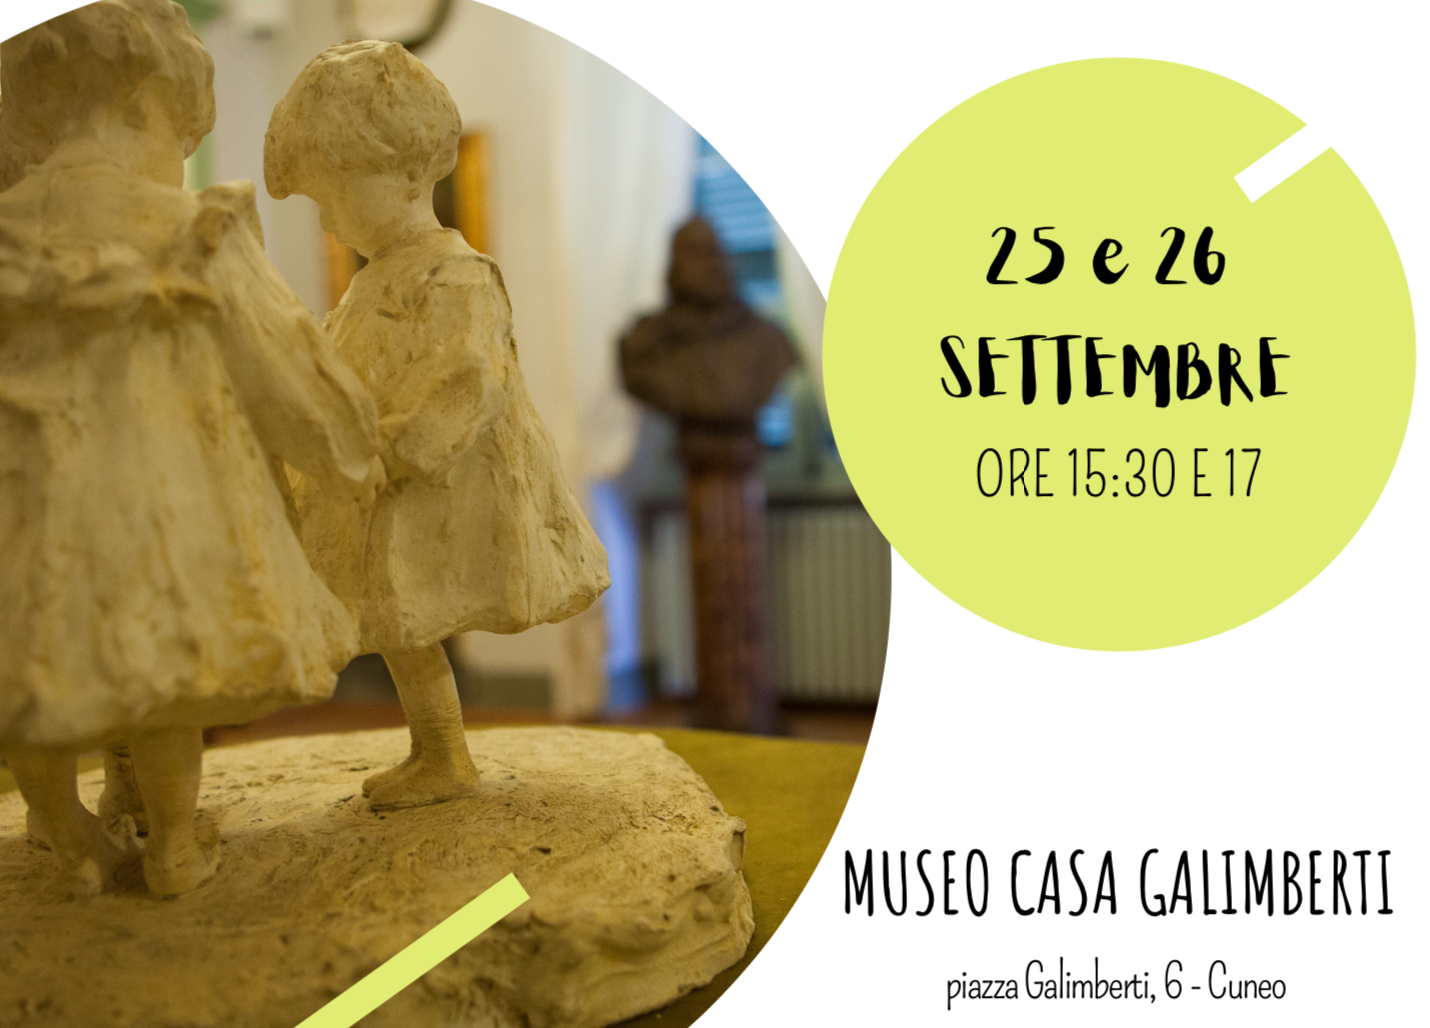 Giornate Europee del Patrimonio al Museo Casa Galimberti